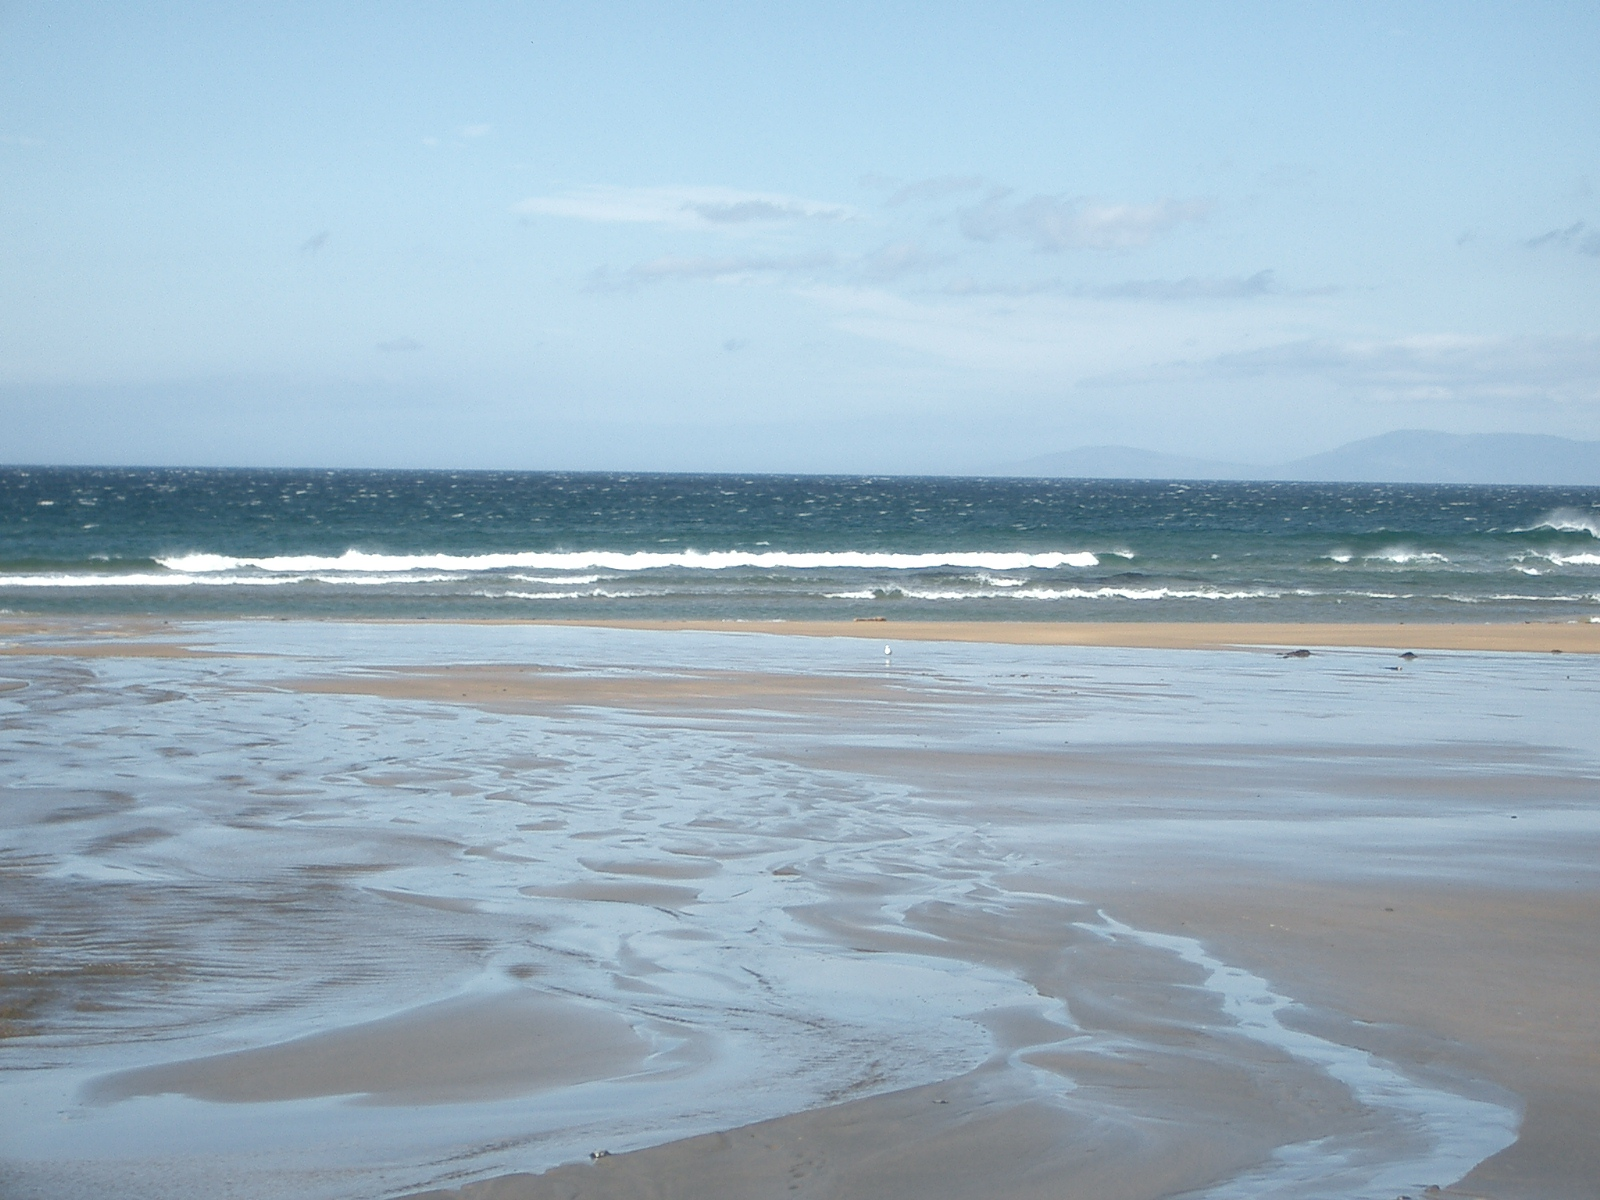 Aughris Head Beach